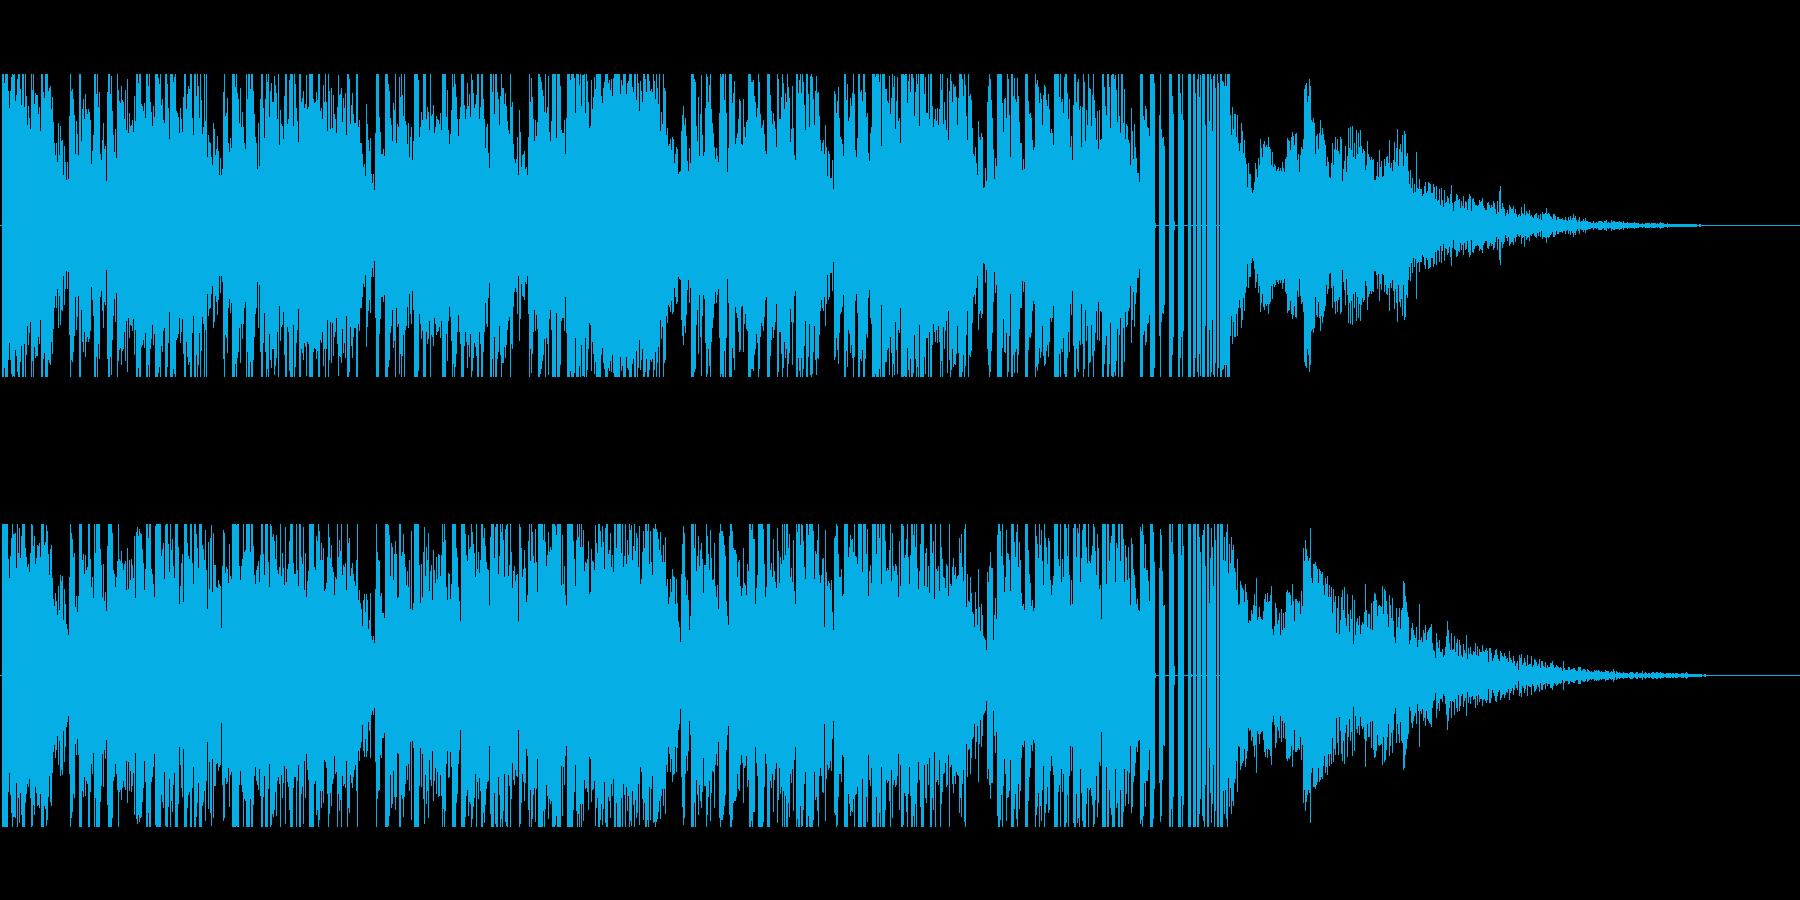 サイバーな雰囲気のジングルの再生済みの波形